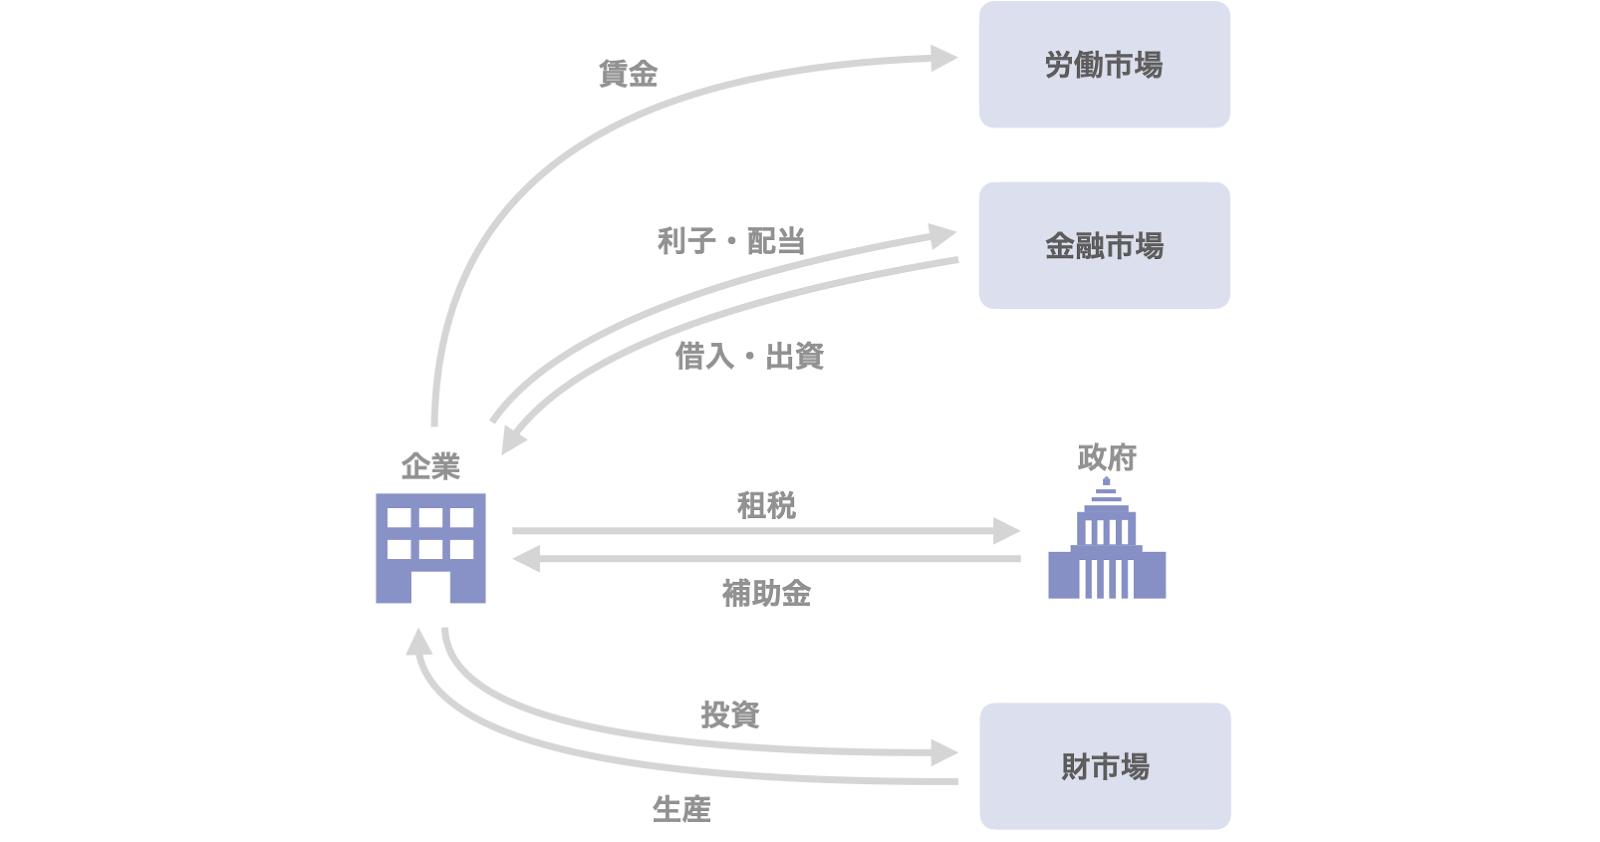 図6 企業に関わる資金の流れ